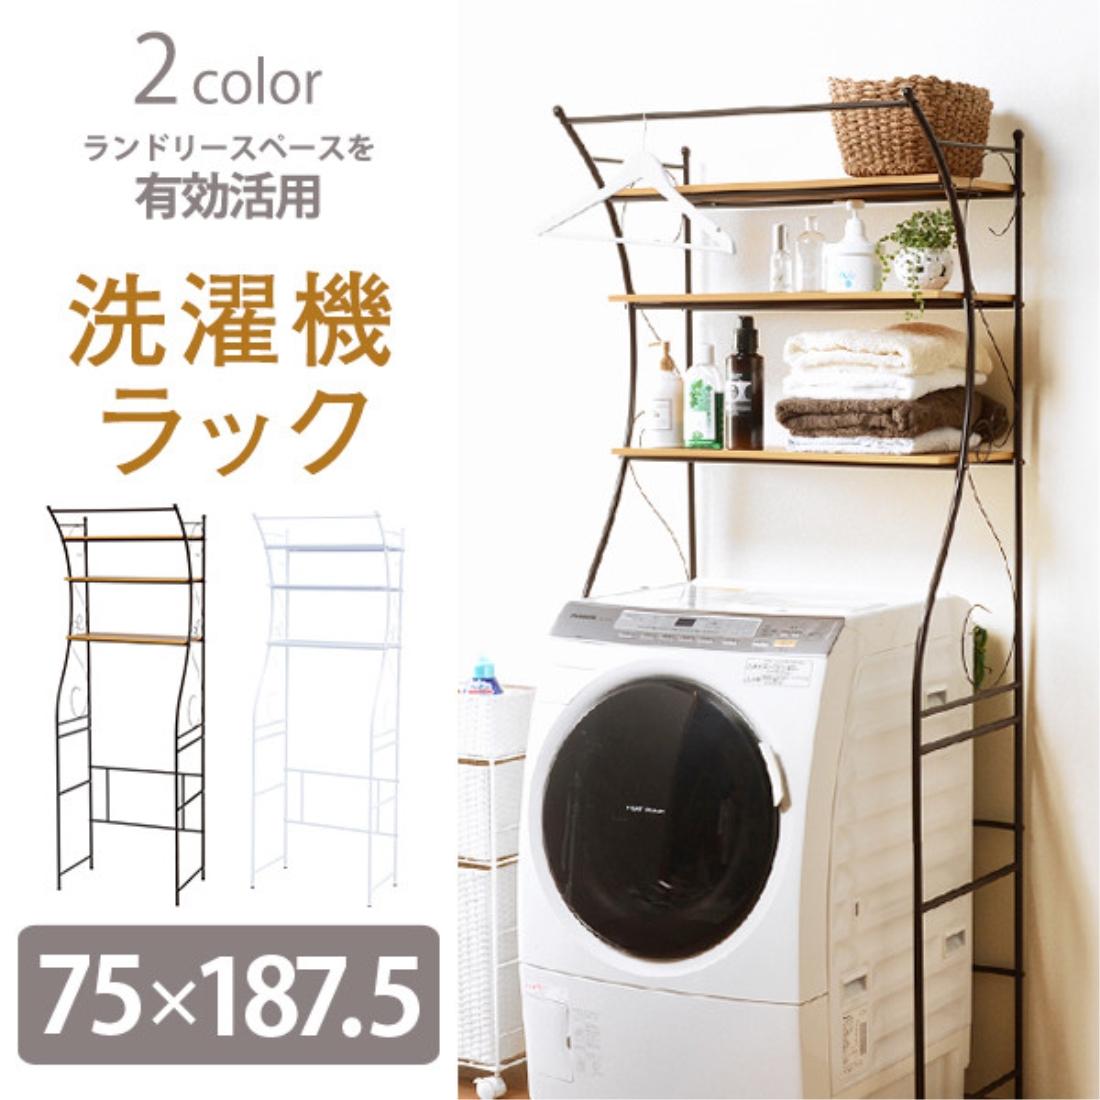 【送料無料】おしゃれ家具 洗濯機ラック ランドリーラック 洗濯 棚 収納 ホワイト